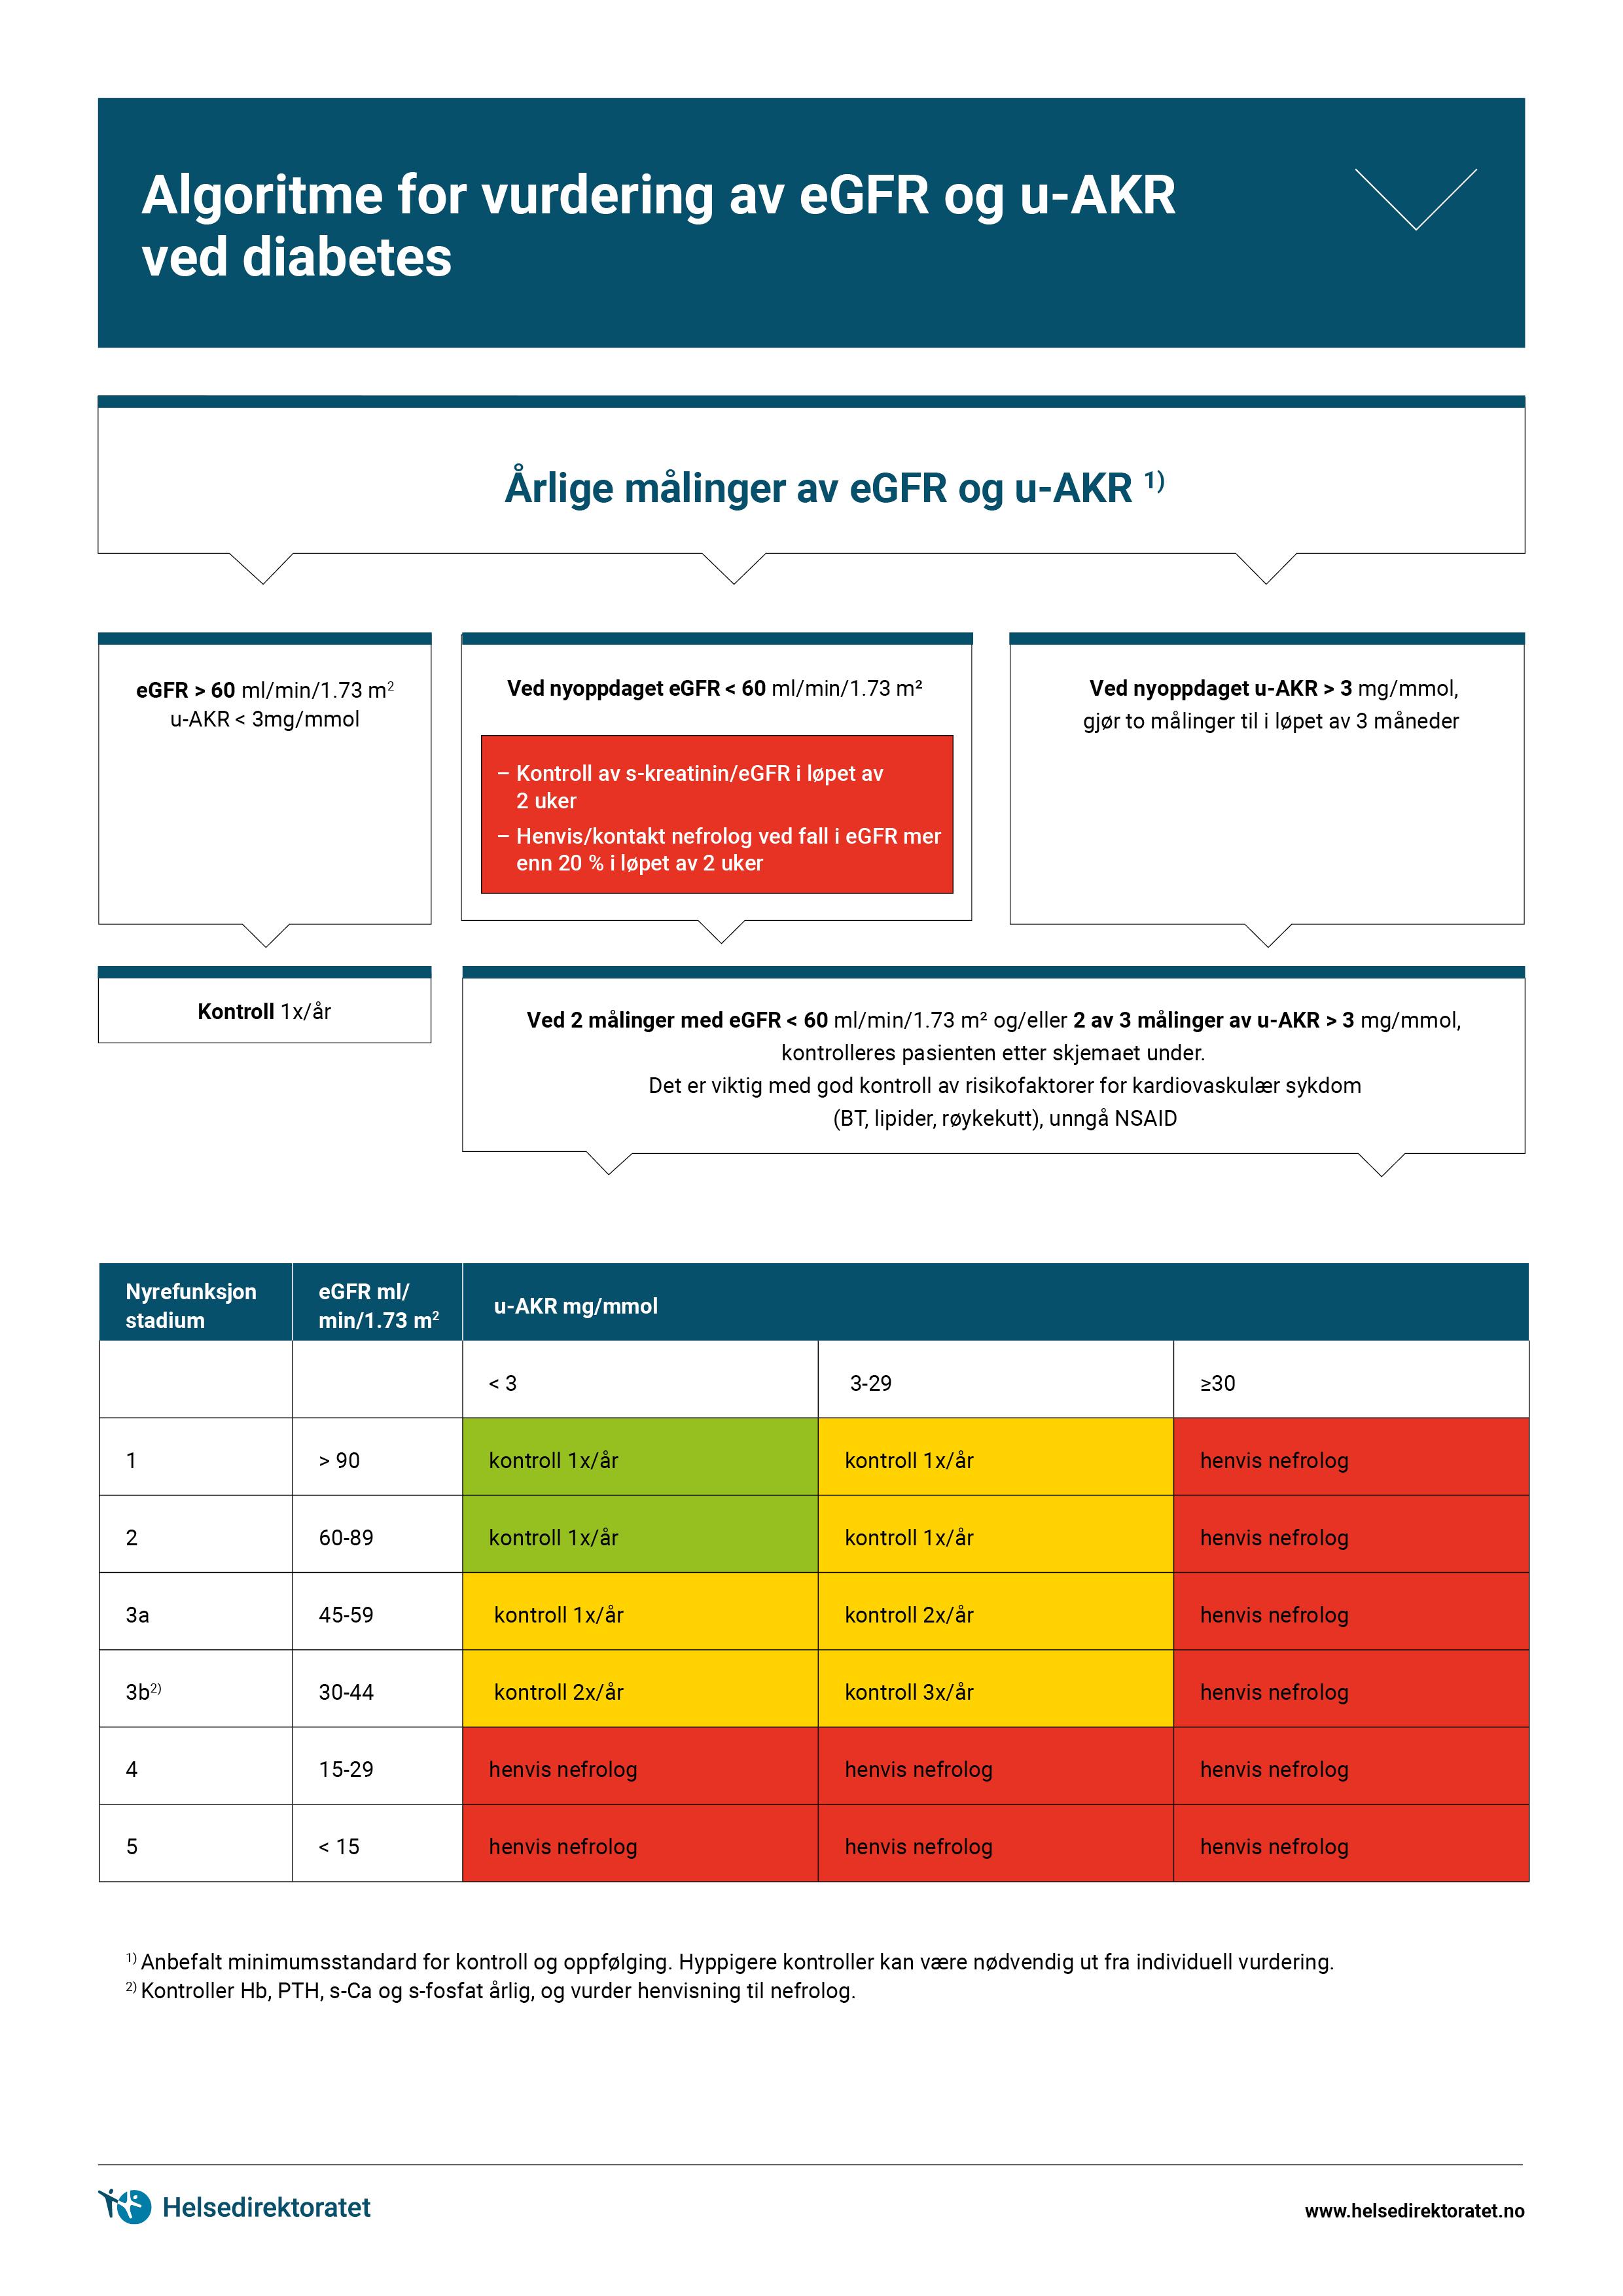 algoritme-for-vurdering-av-eGRR-og-u-AKR-ved-diabetes-mellitus.jpg